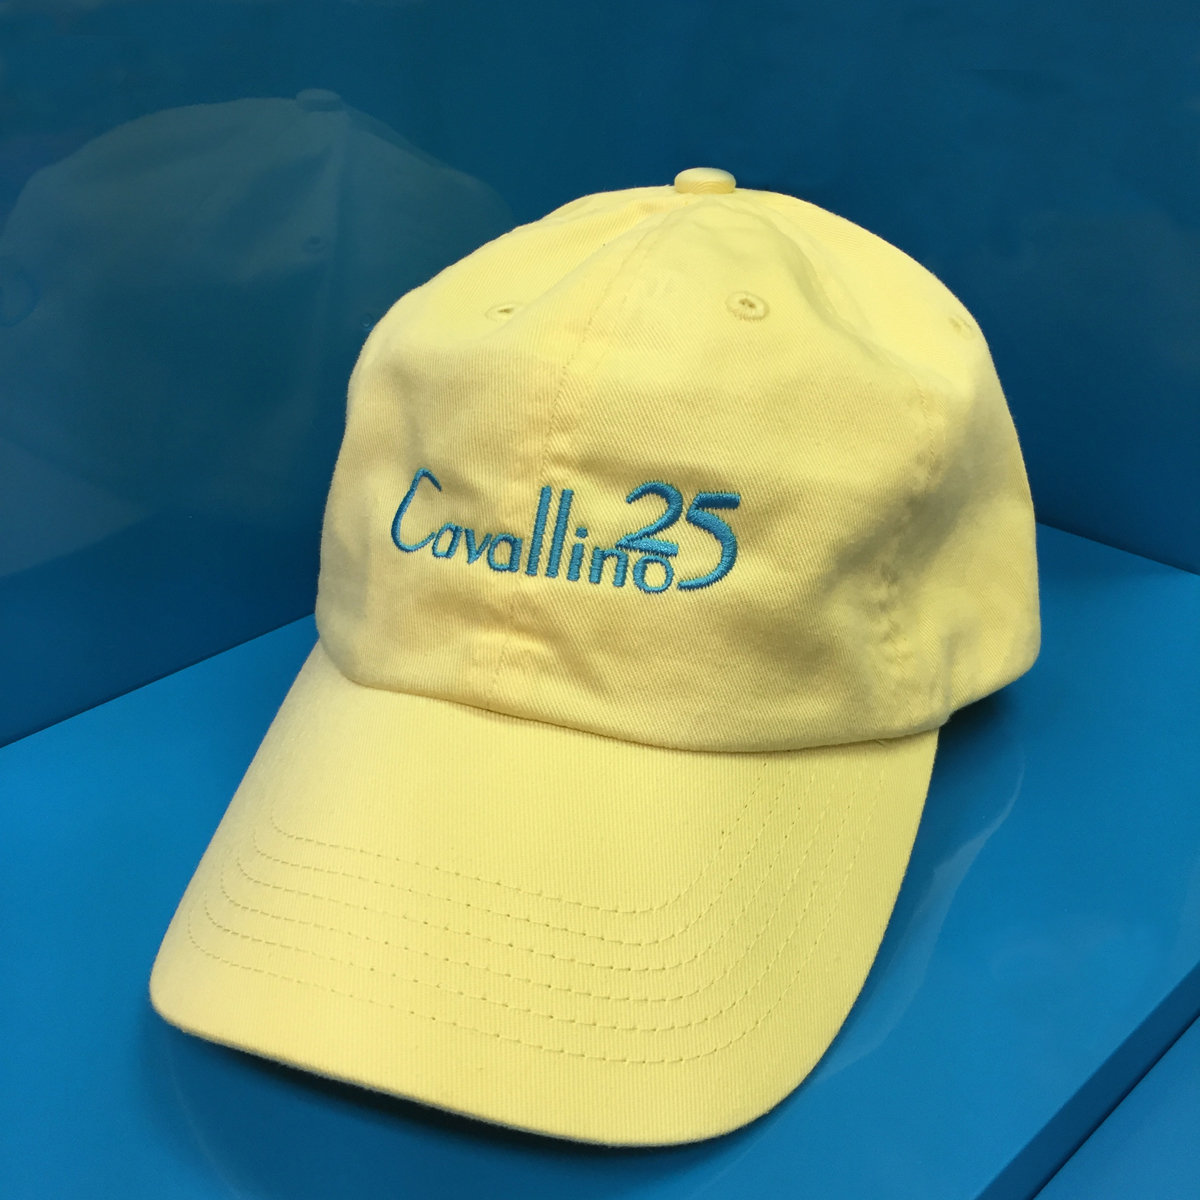 25 30 Anniversary Cap: Cavallino Classic 25th Anniversary Baseball Cap